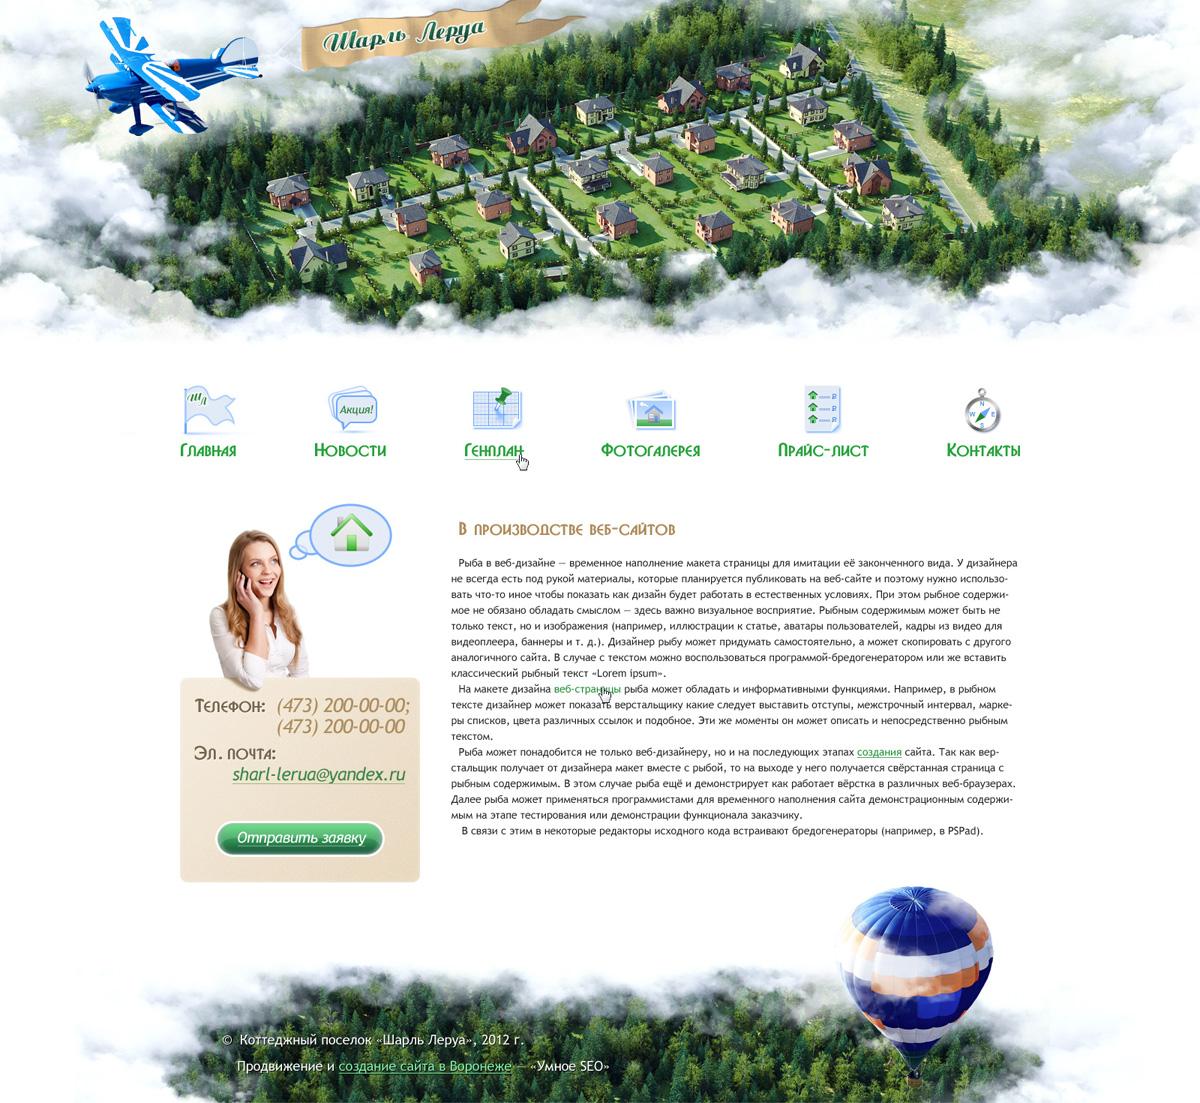 Шарль леруа — коттеджный поселок (2 версия дизайна)